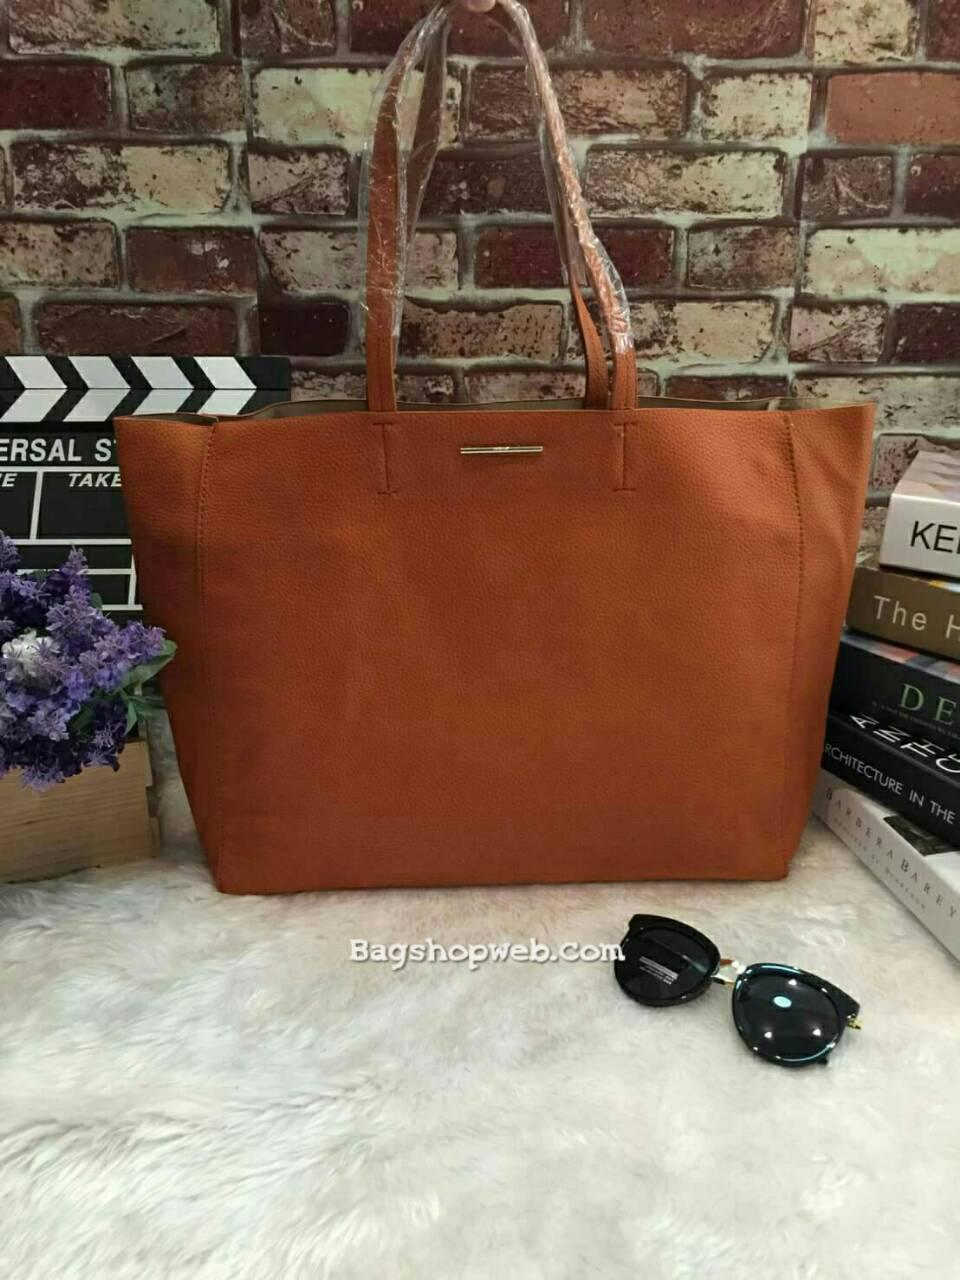 กระเป๋าทรงเรียบเก๋จาก MANGO รุ่น FAUX-LEATHER SHOPPER BAG ด้านหน้ามีโลโก้สีเงิน